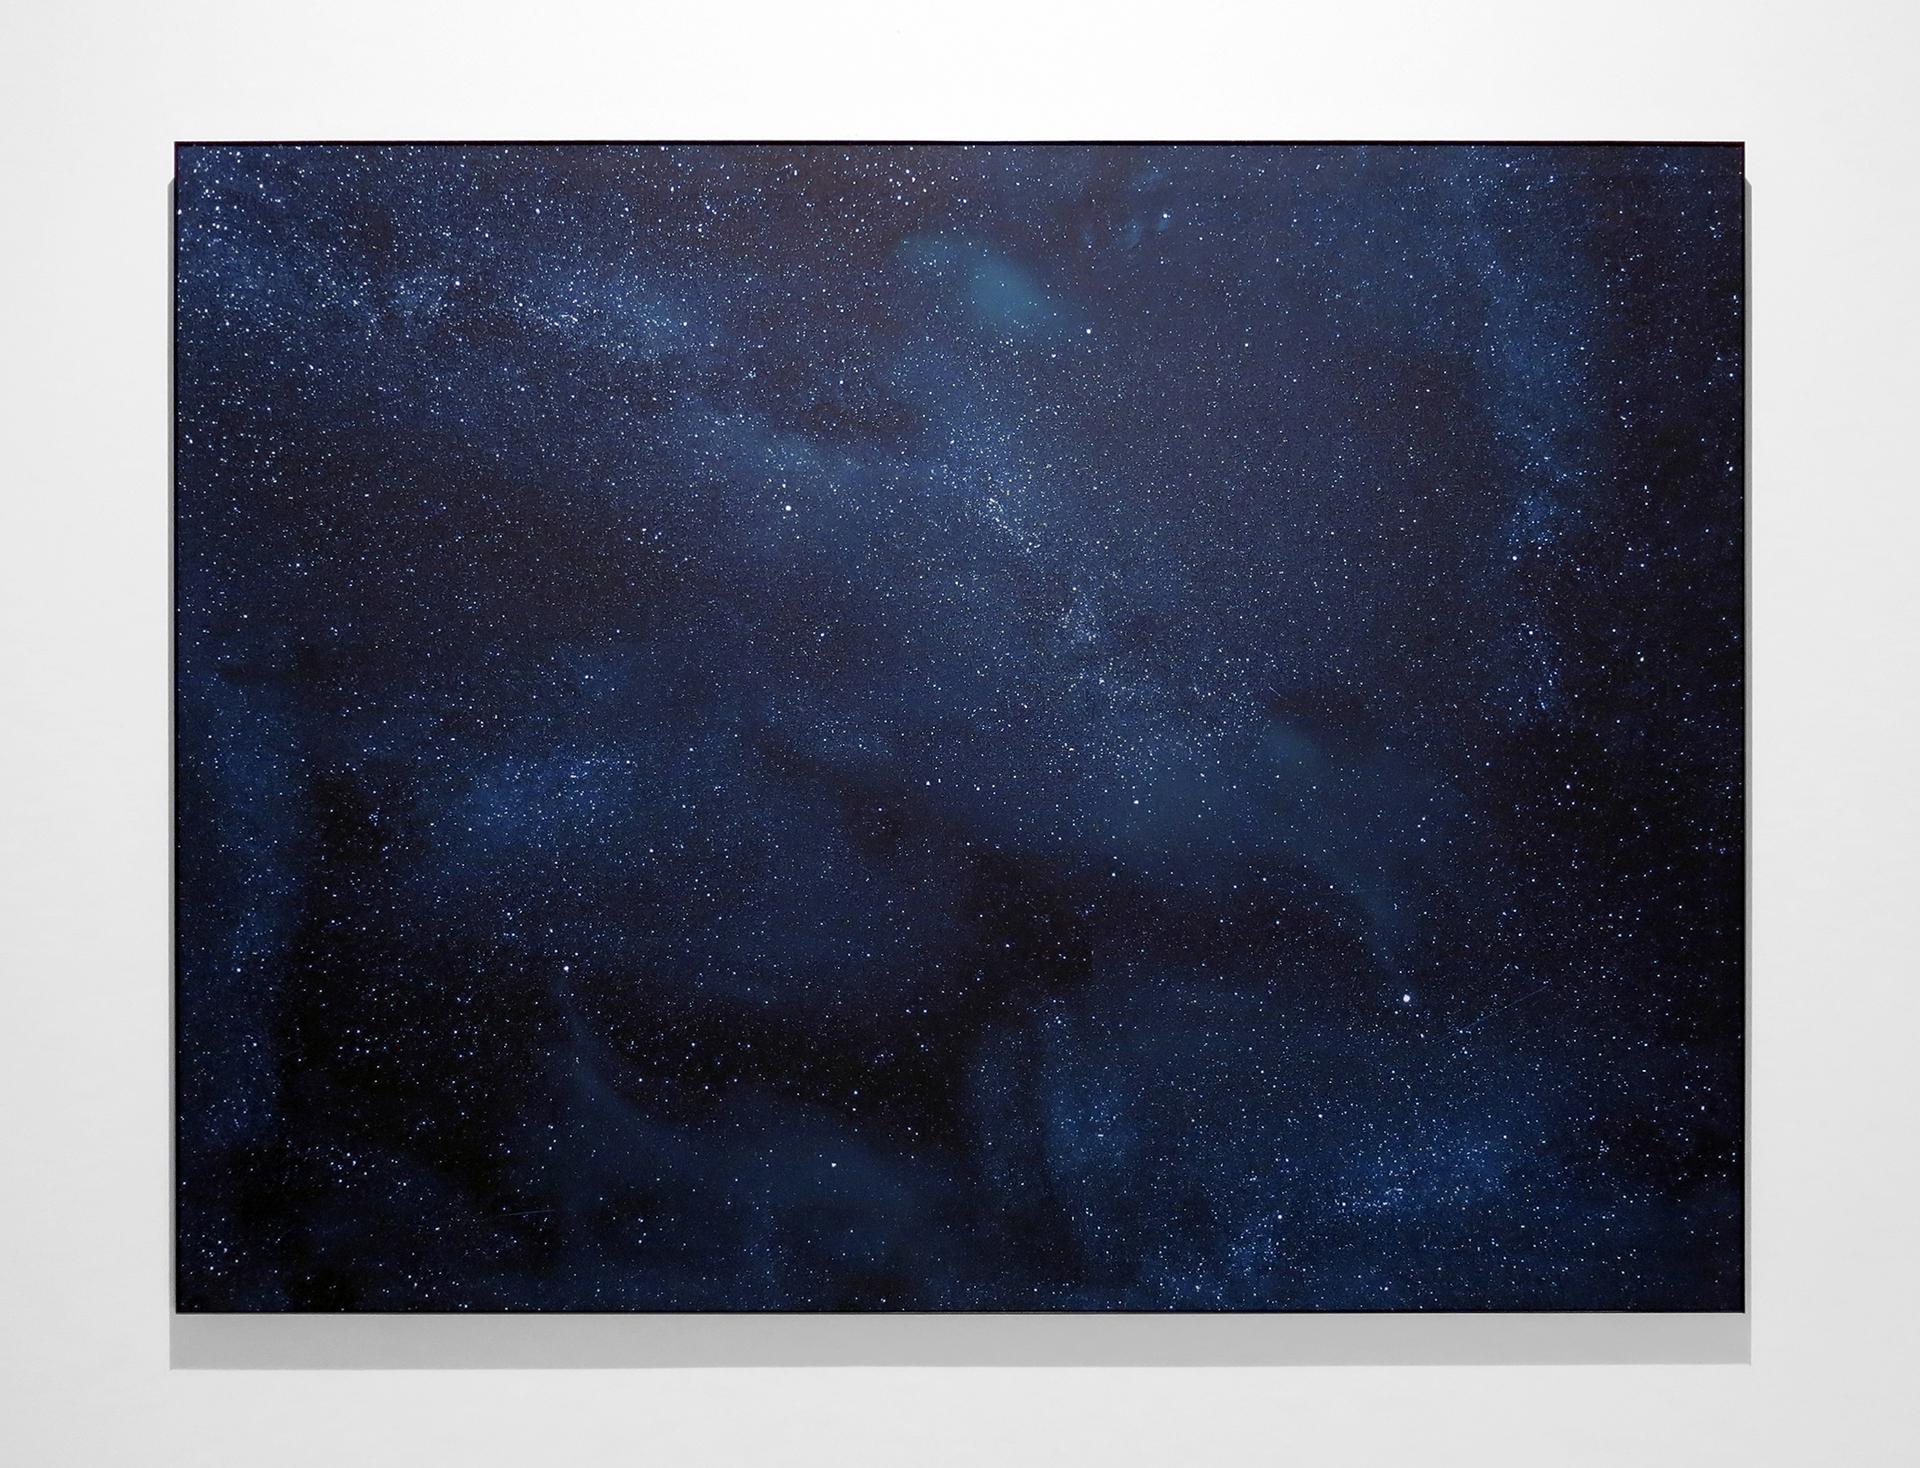 Illumination , 2013 Impression au jet d'encre, acrylique, acier 152 x 203 cm